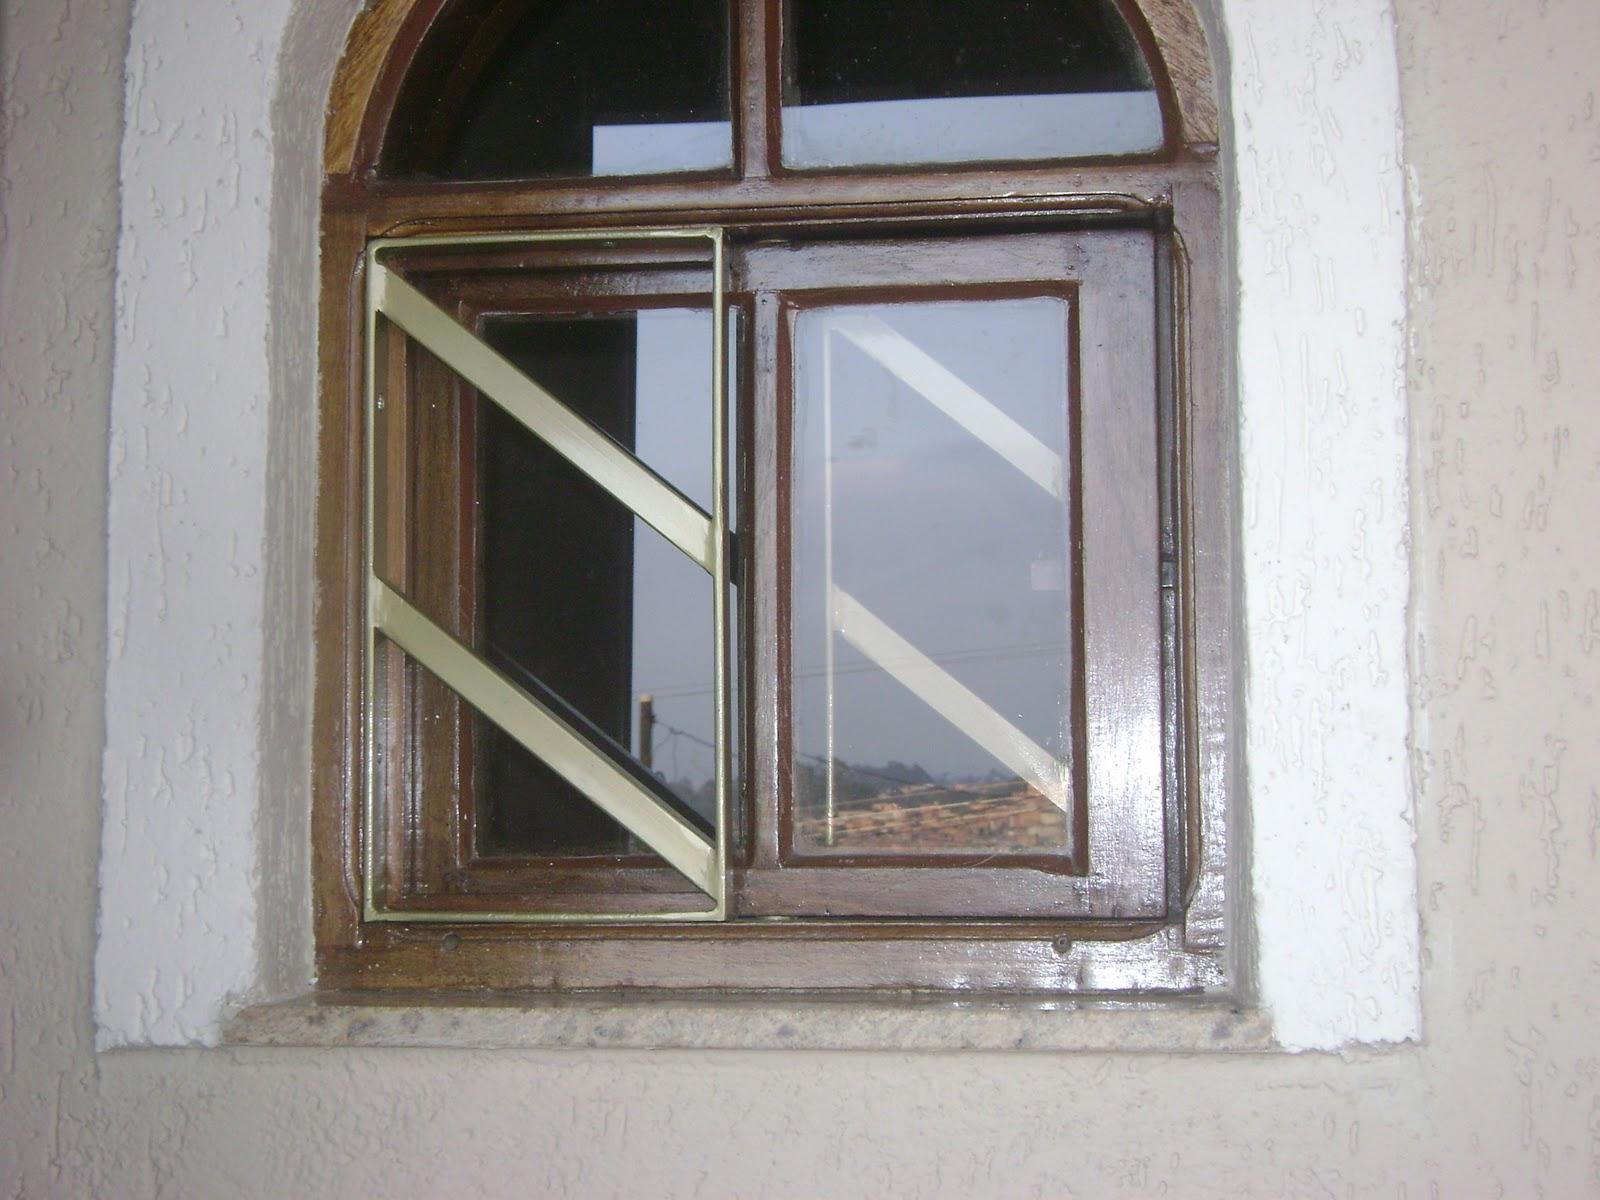 #5F4B3C Grade de proteçõa construída em ferro tubular entre vão janela de  566 Janelas Em Arco De Ferro